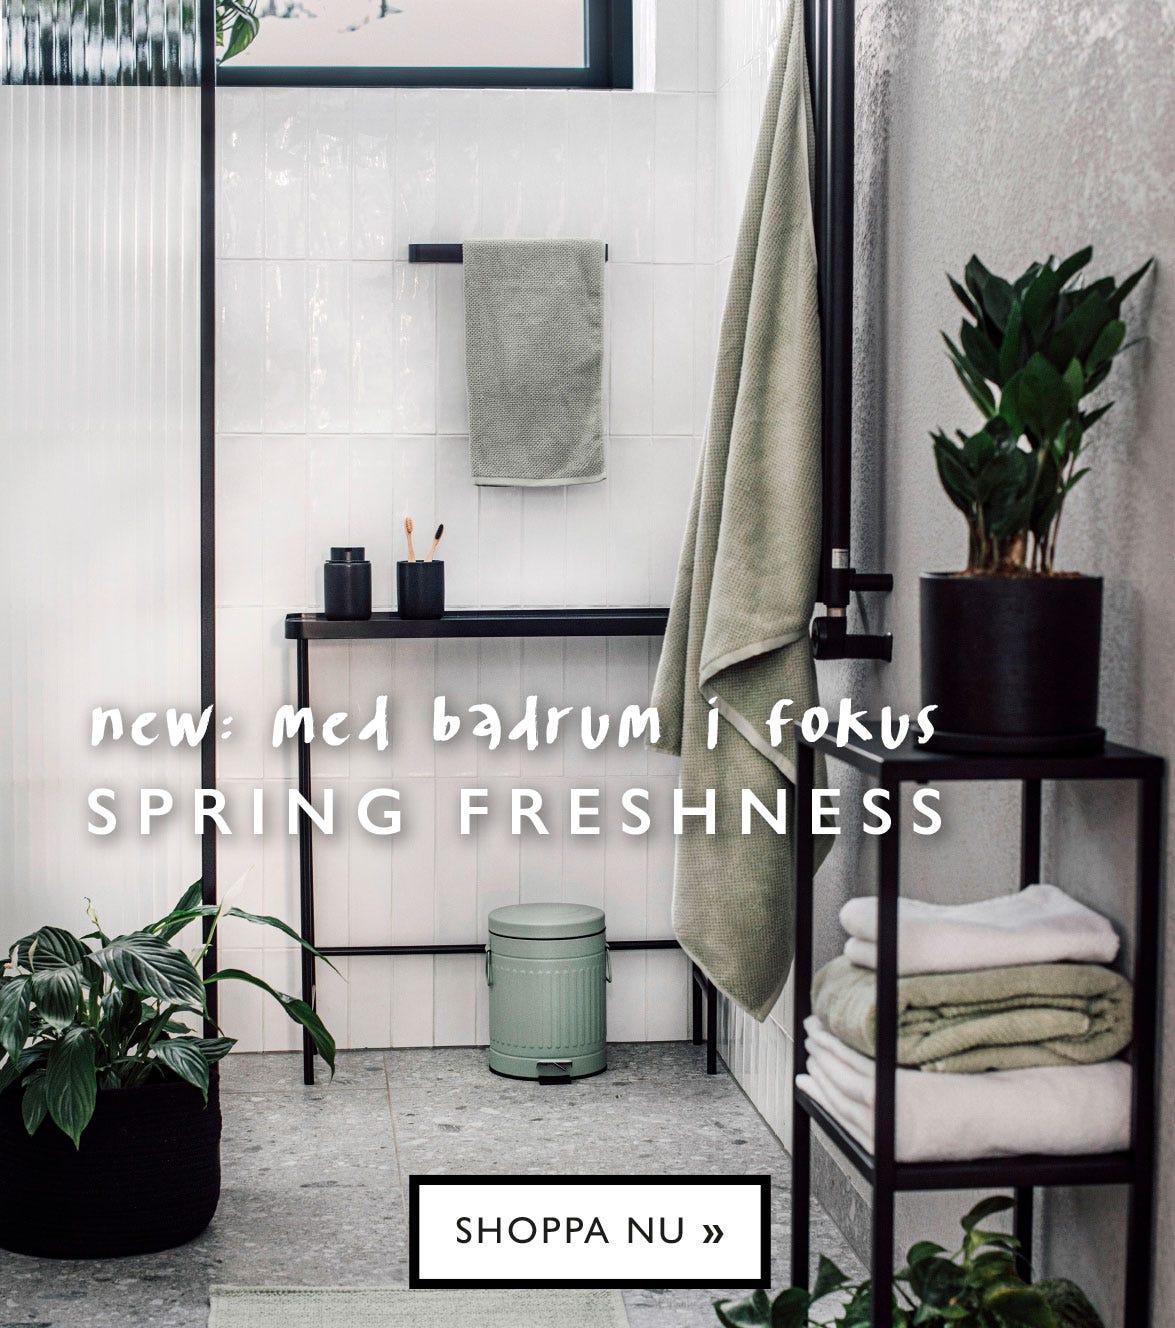 Spring Freshness!